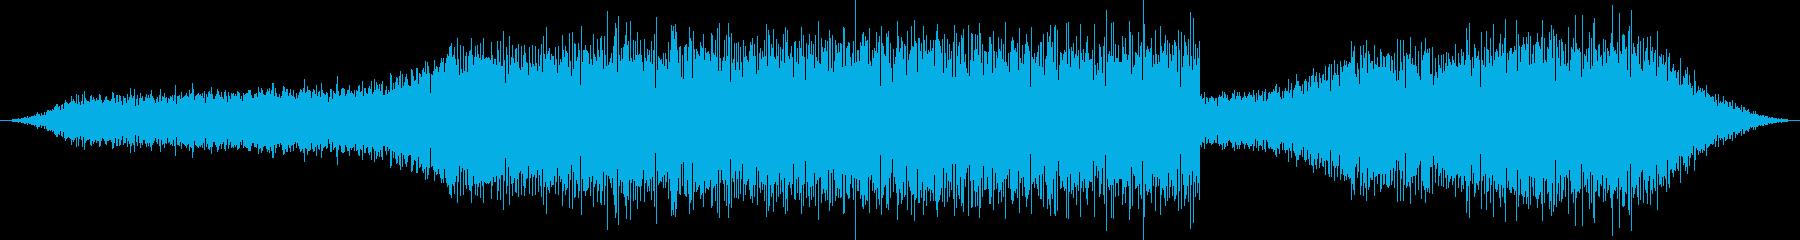 実験、検証映像のBGMにの再生済みの波形